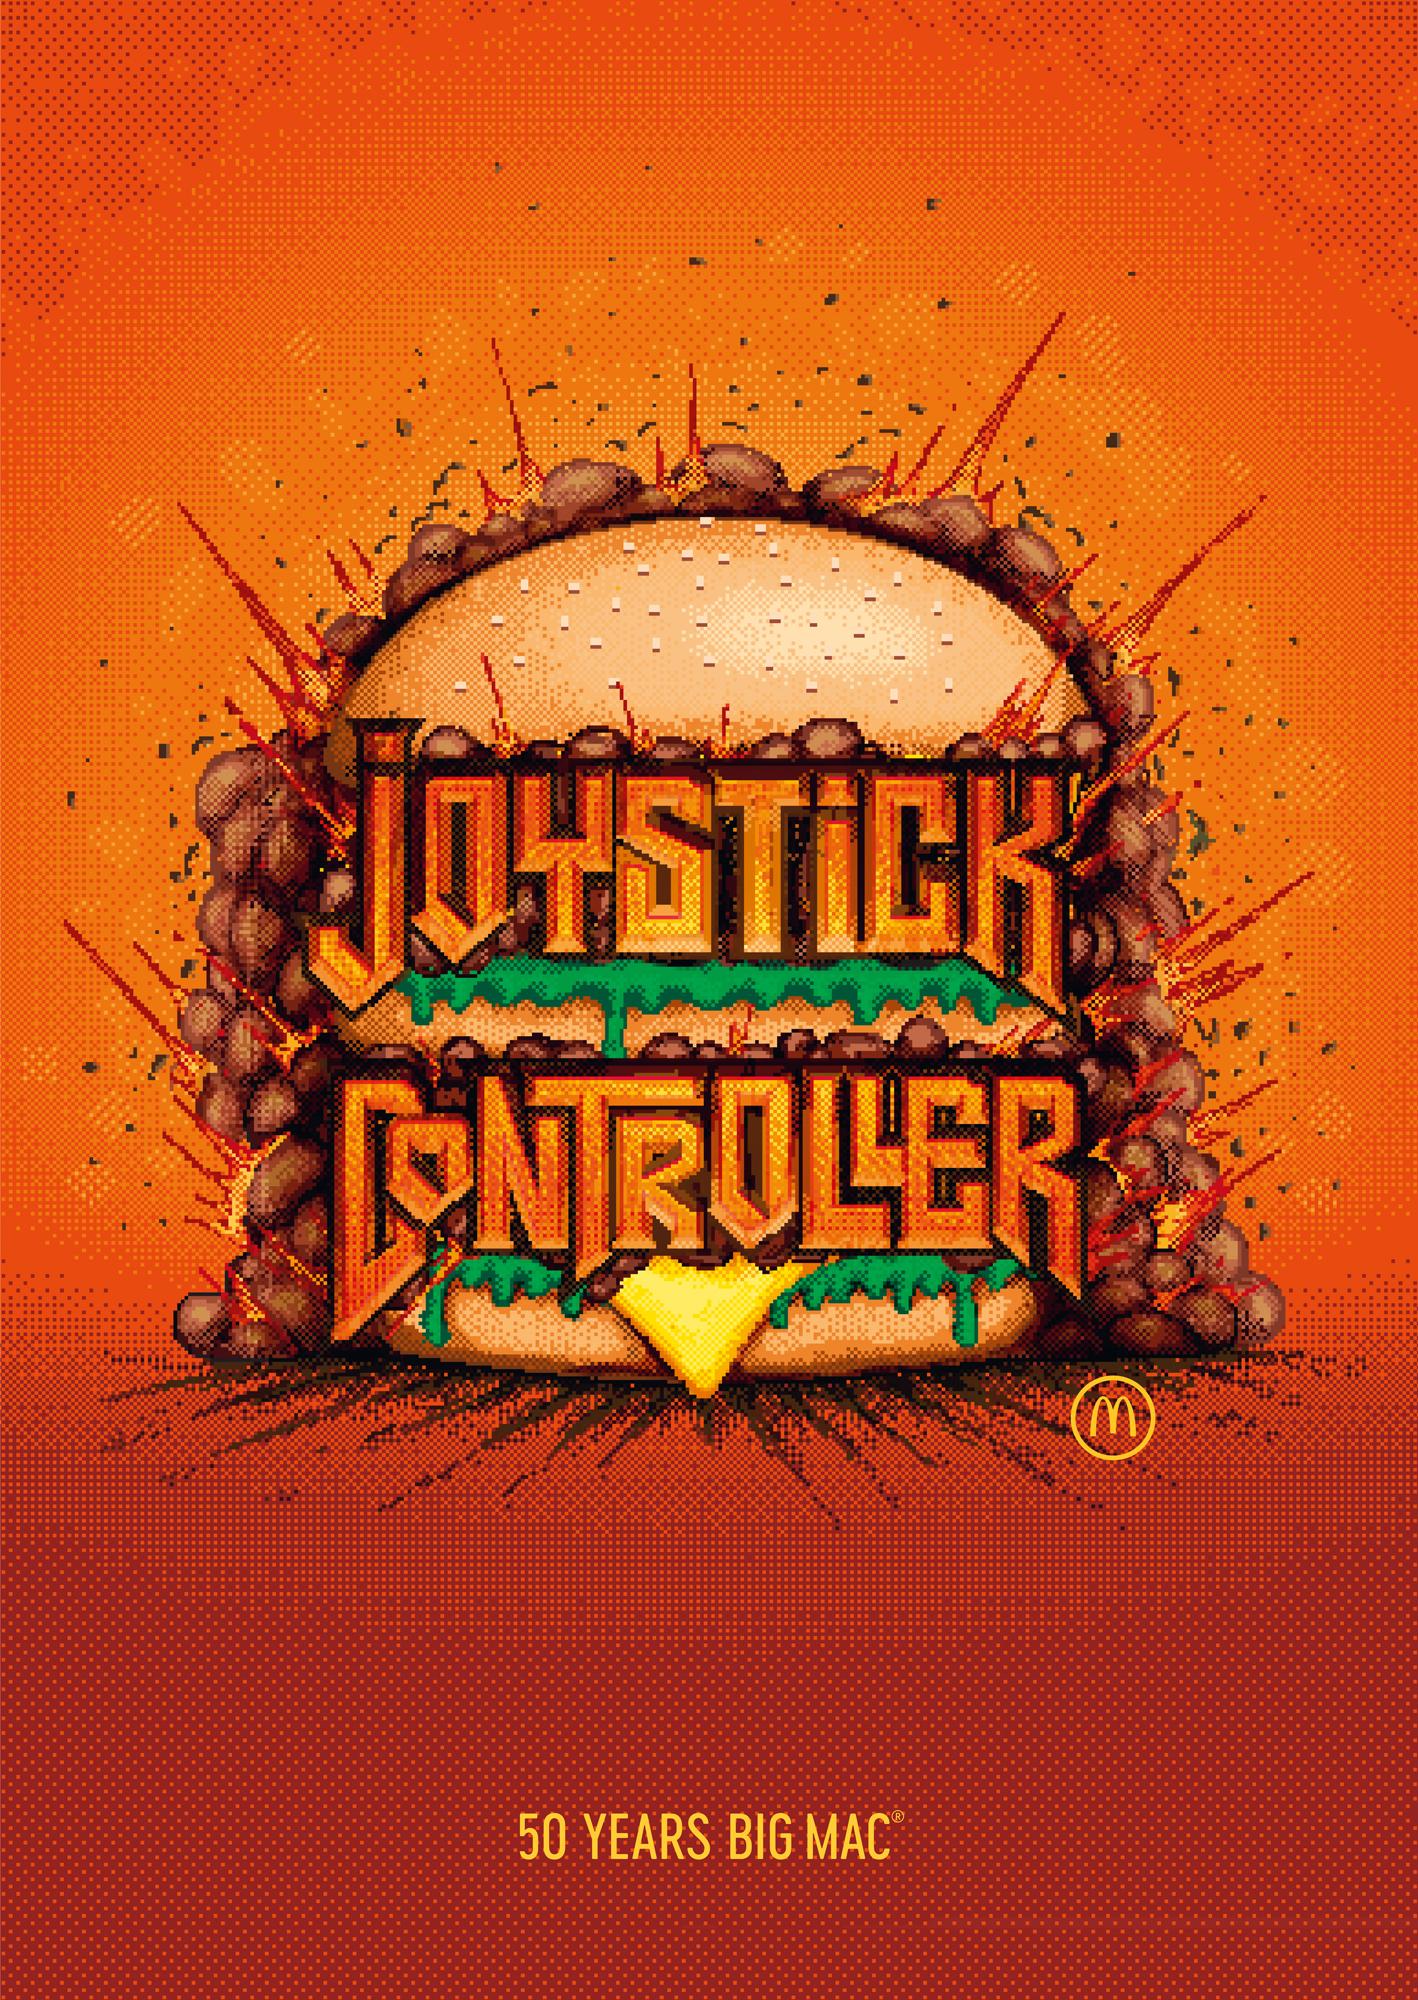 4_Joystick_Controller.jpg